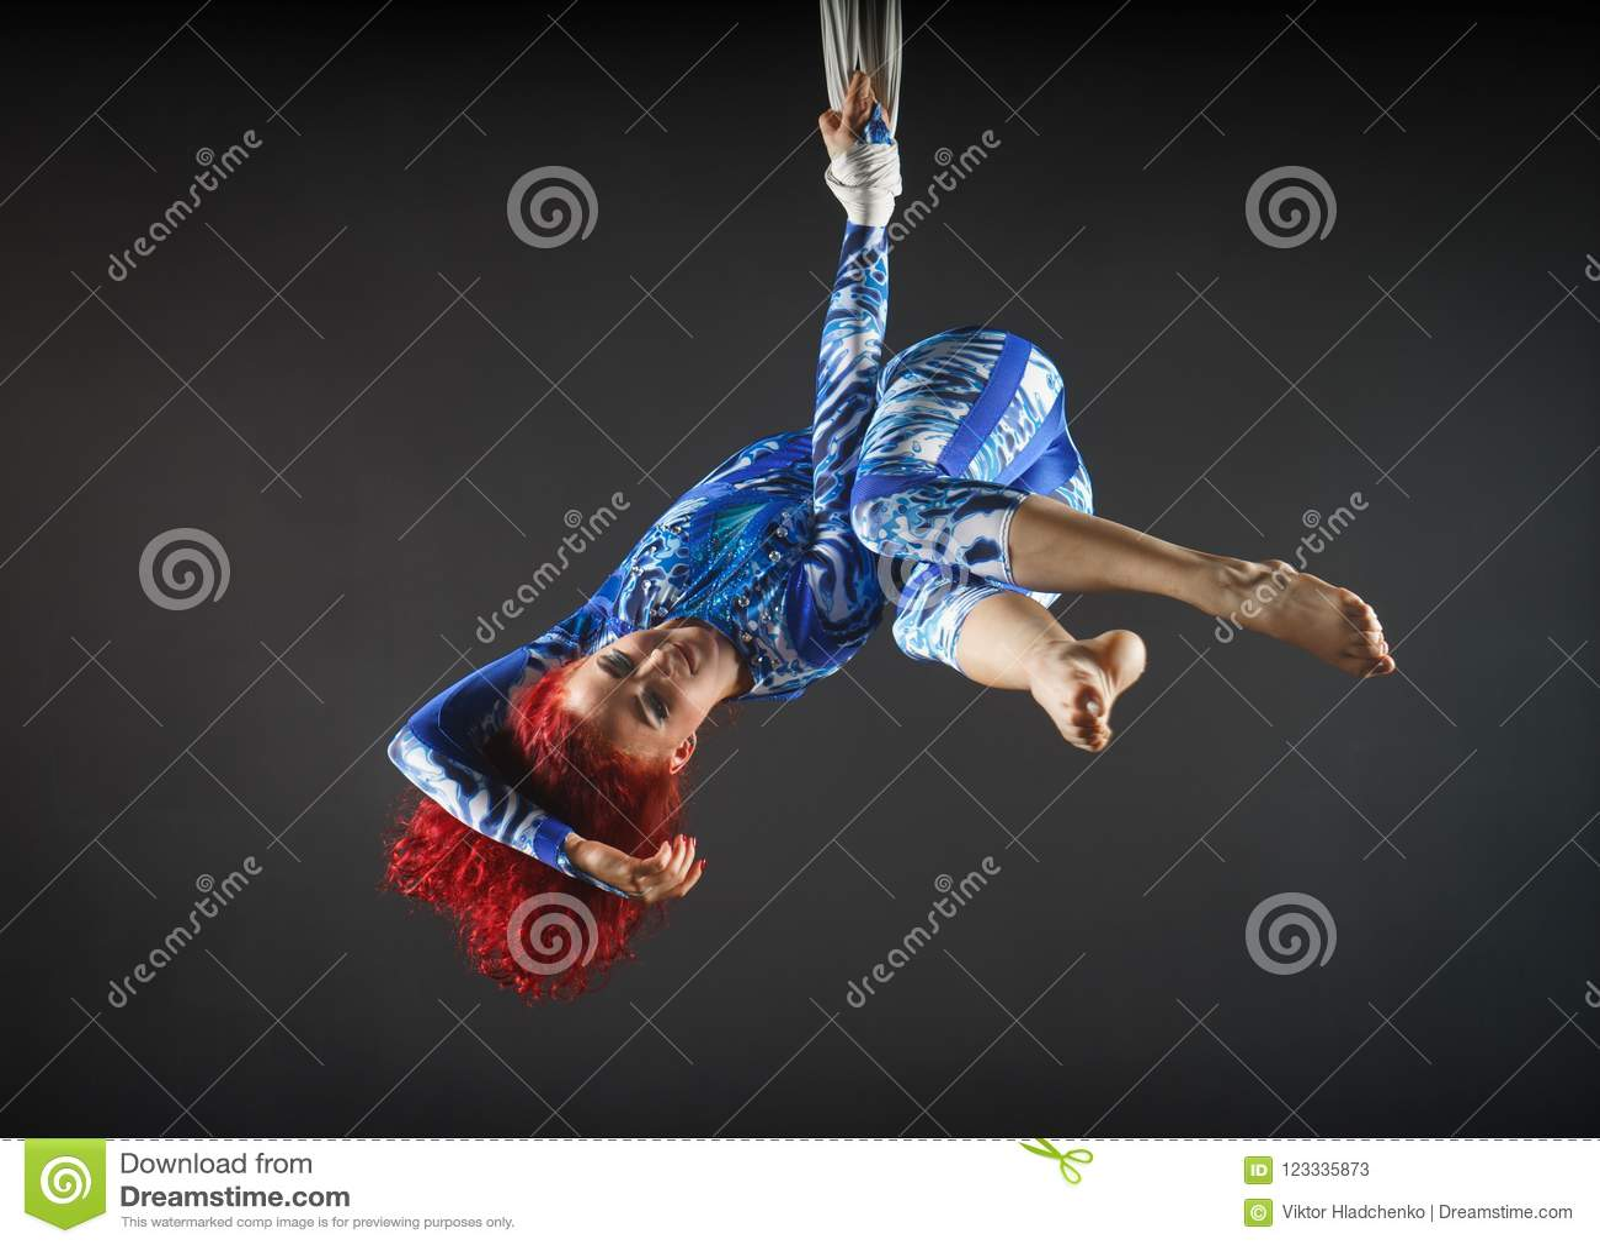 有红头发人的运动性感的空中马戏艺术家在蓝色服装跳舞在天空中与平衡